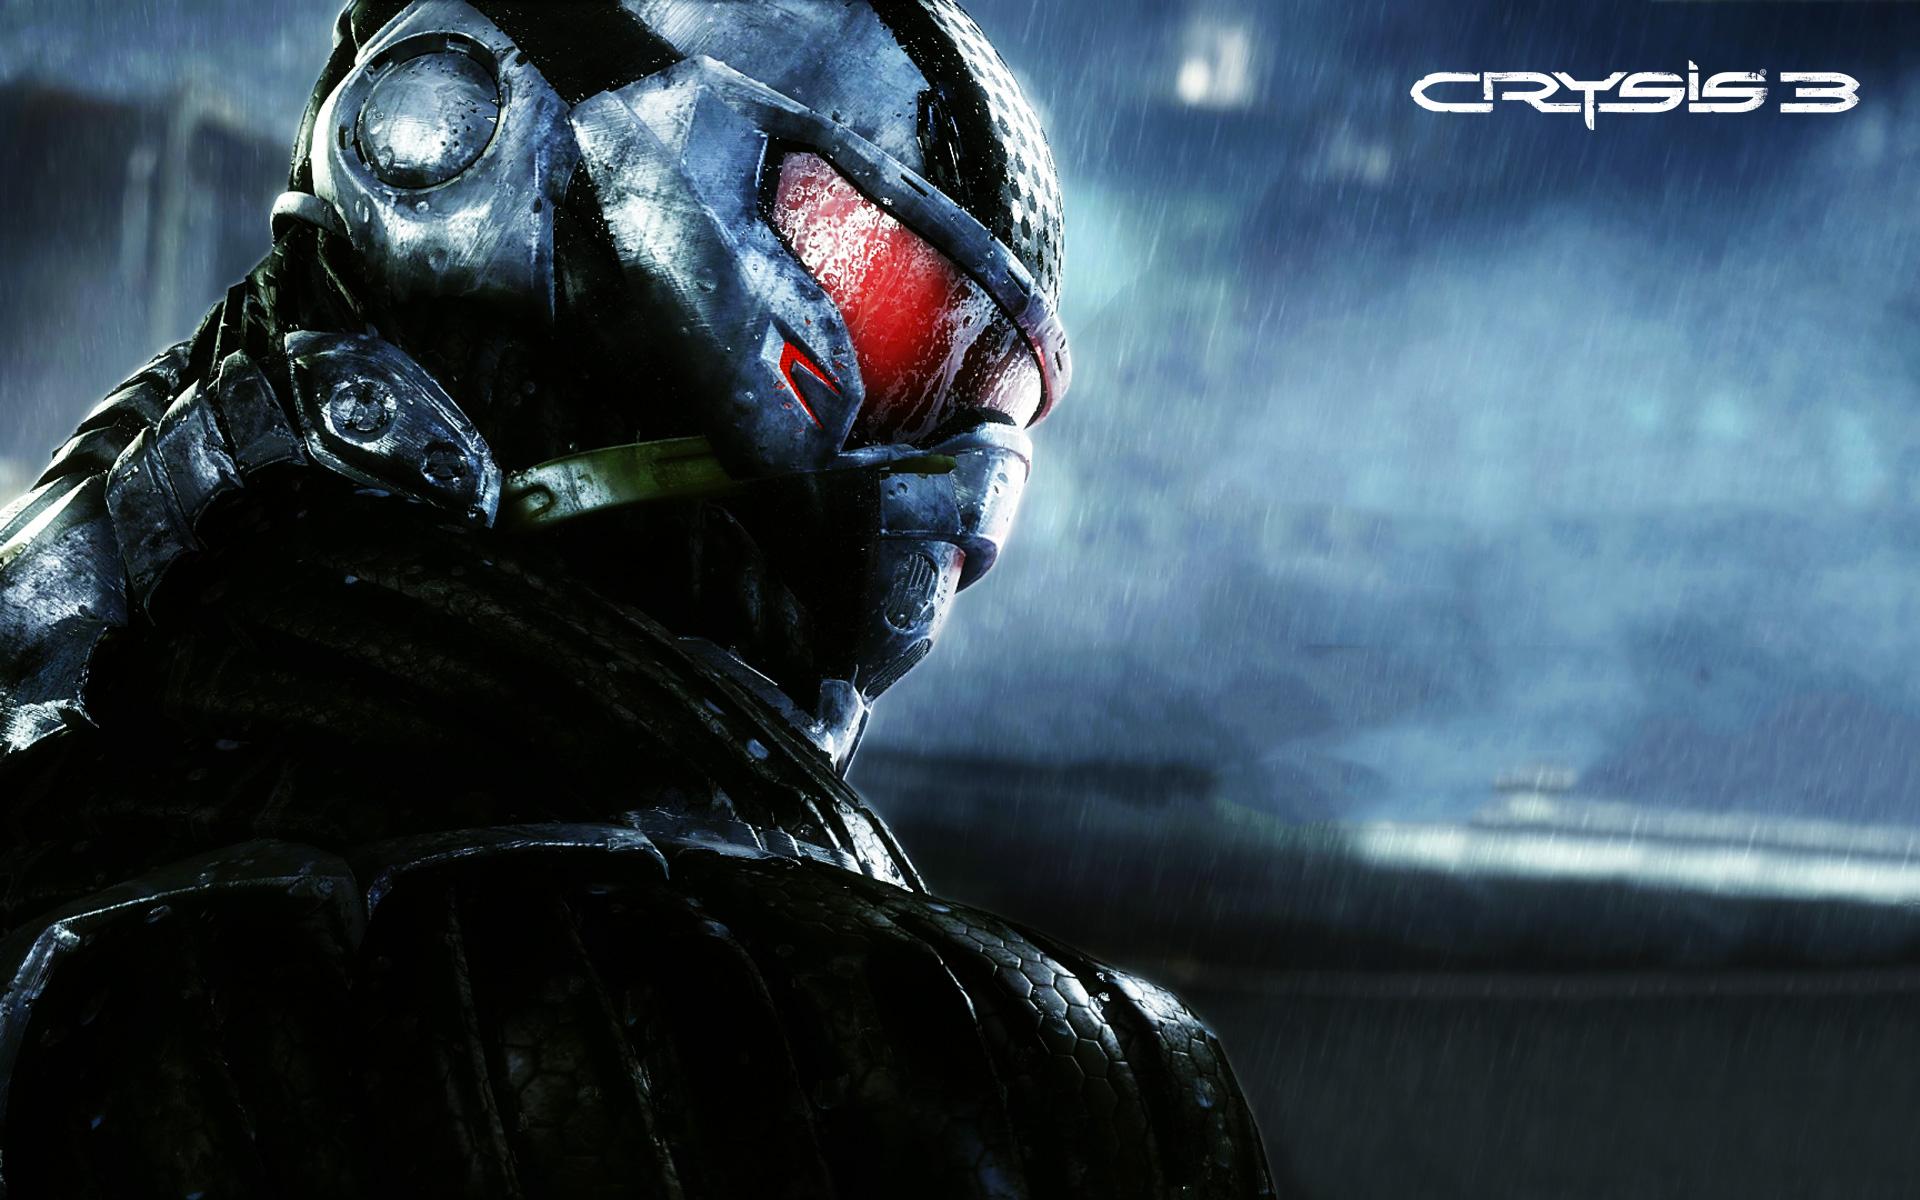 crysis 3 game